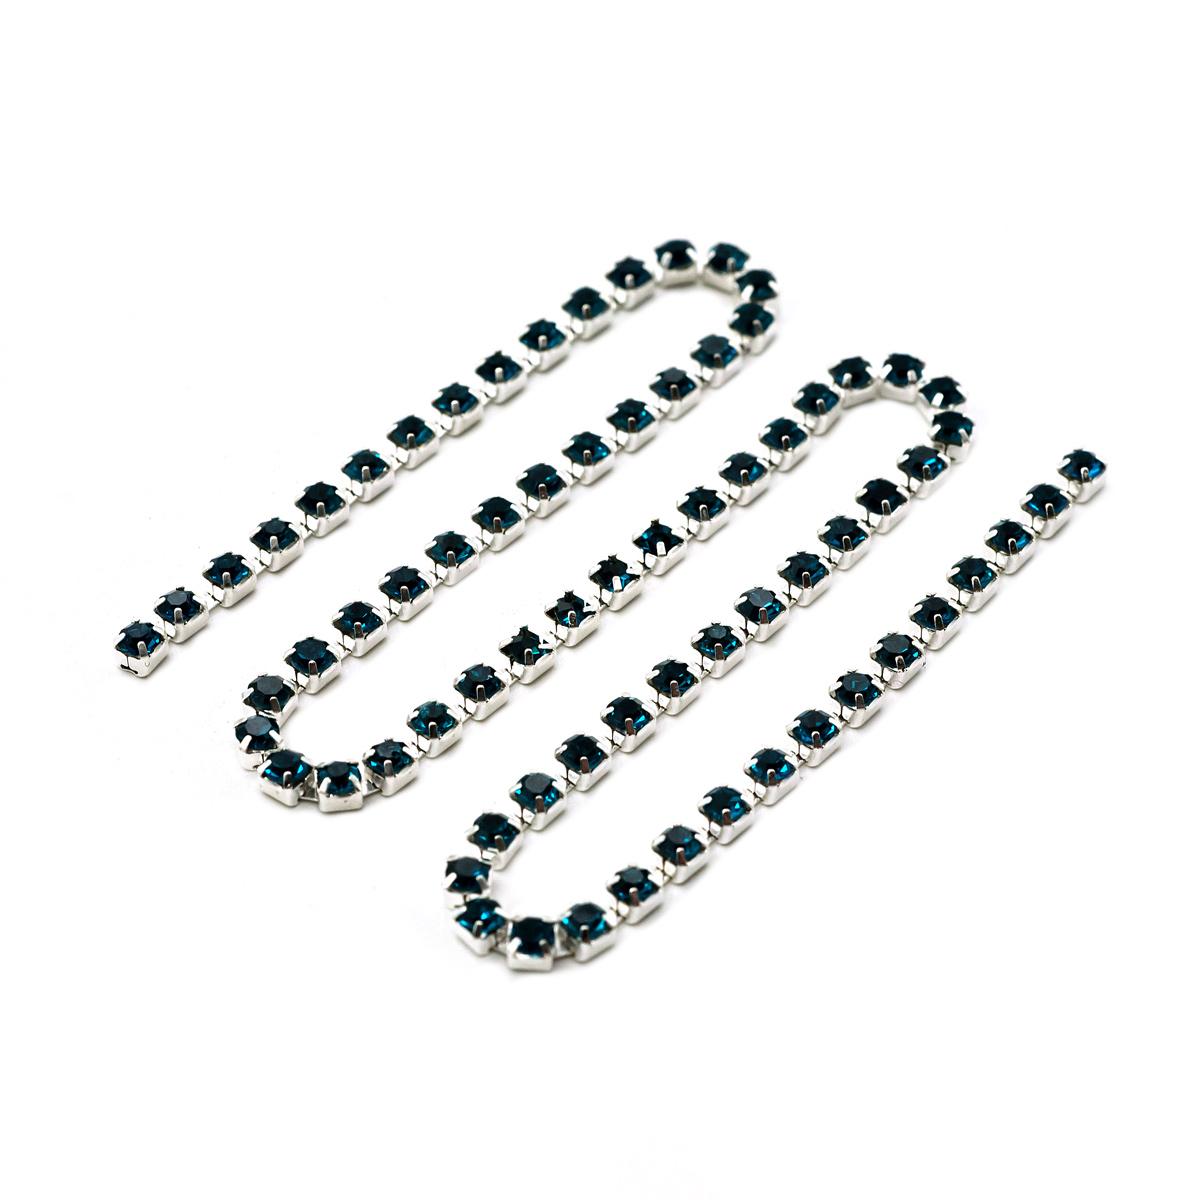 ЦС004СЦ3 Стразовые цепочки (серебро), цвет: лазурный, размер